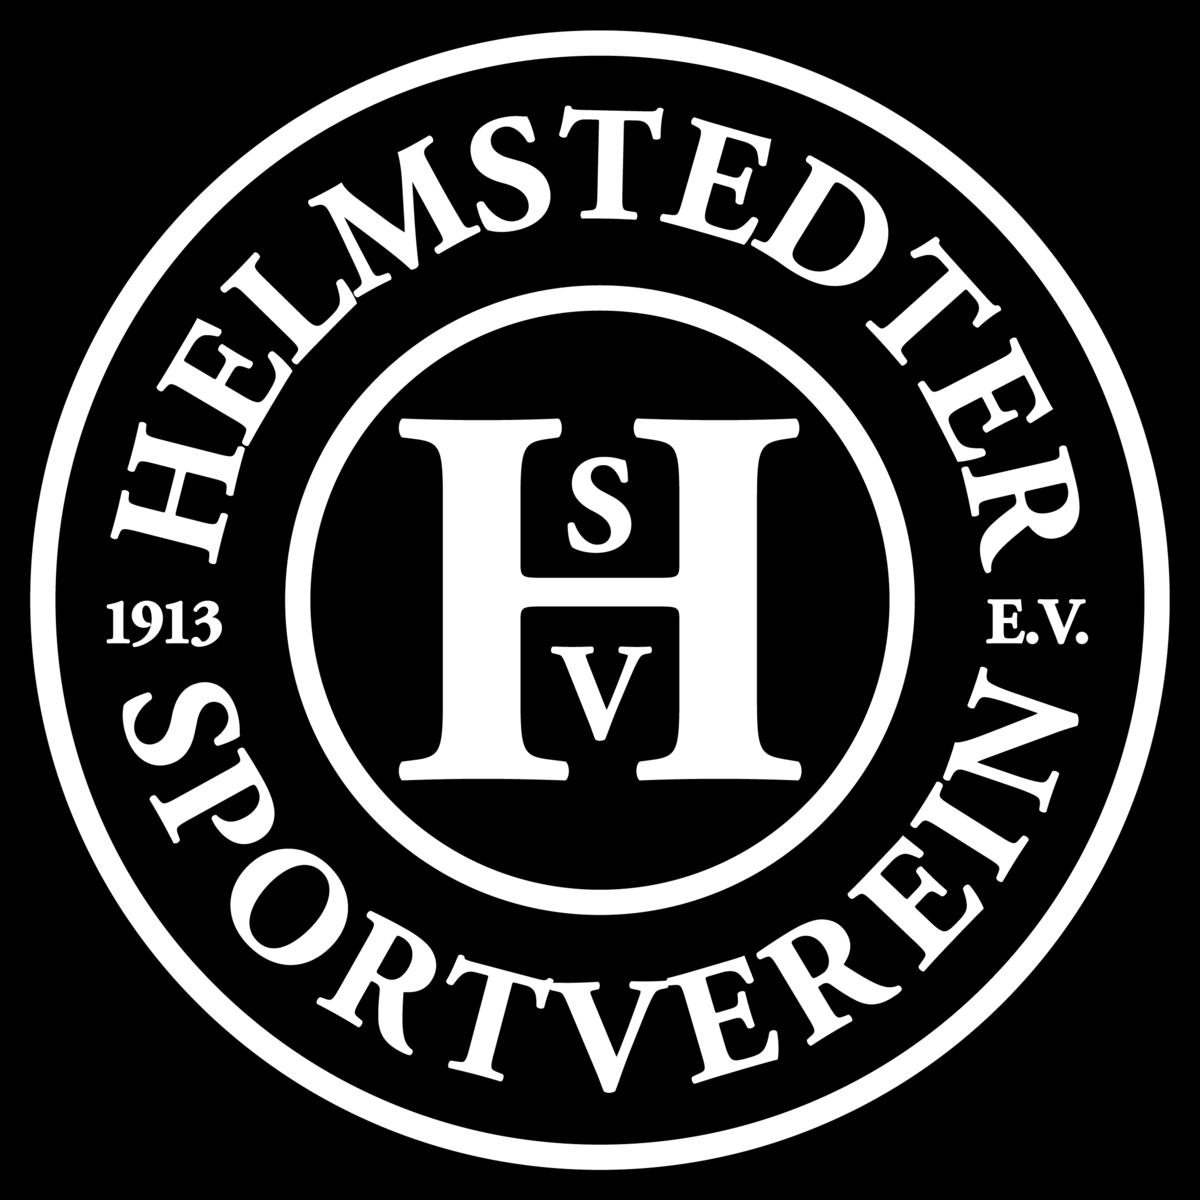 Helmstedter Sv